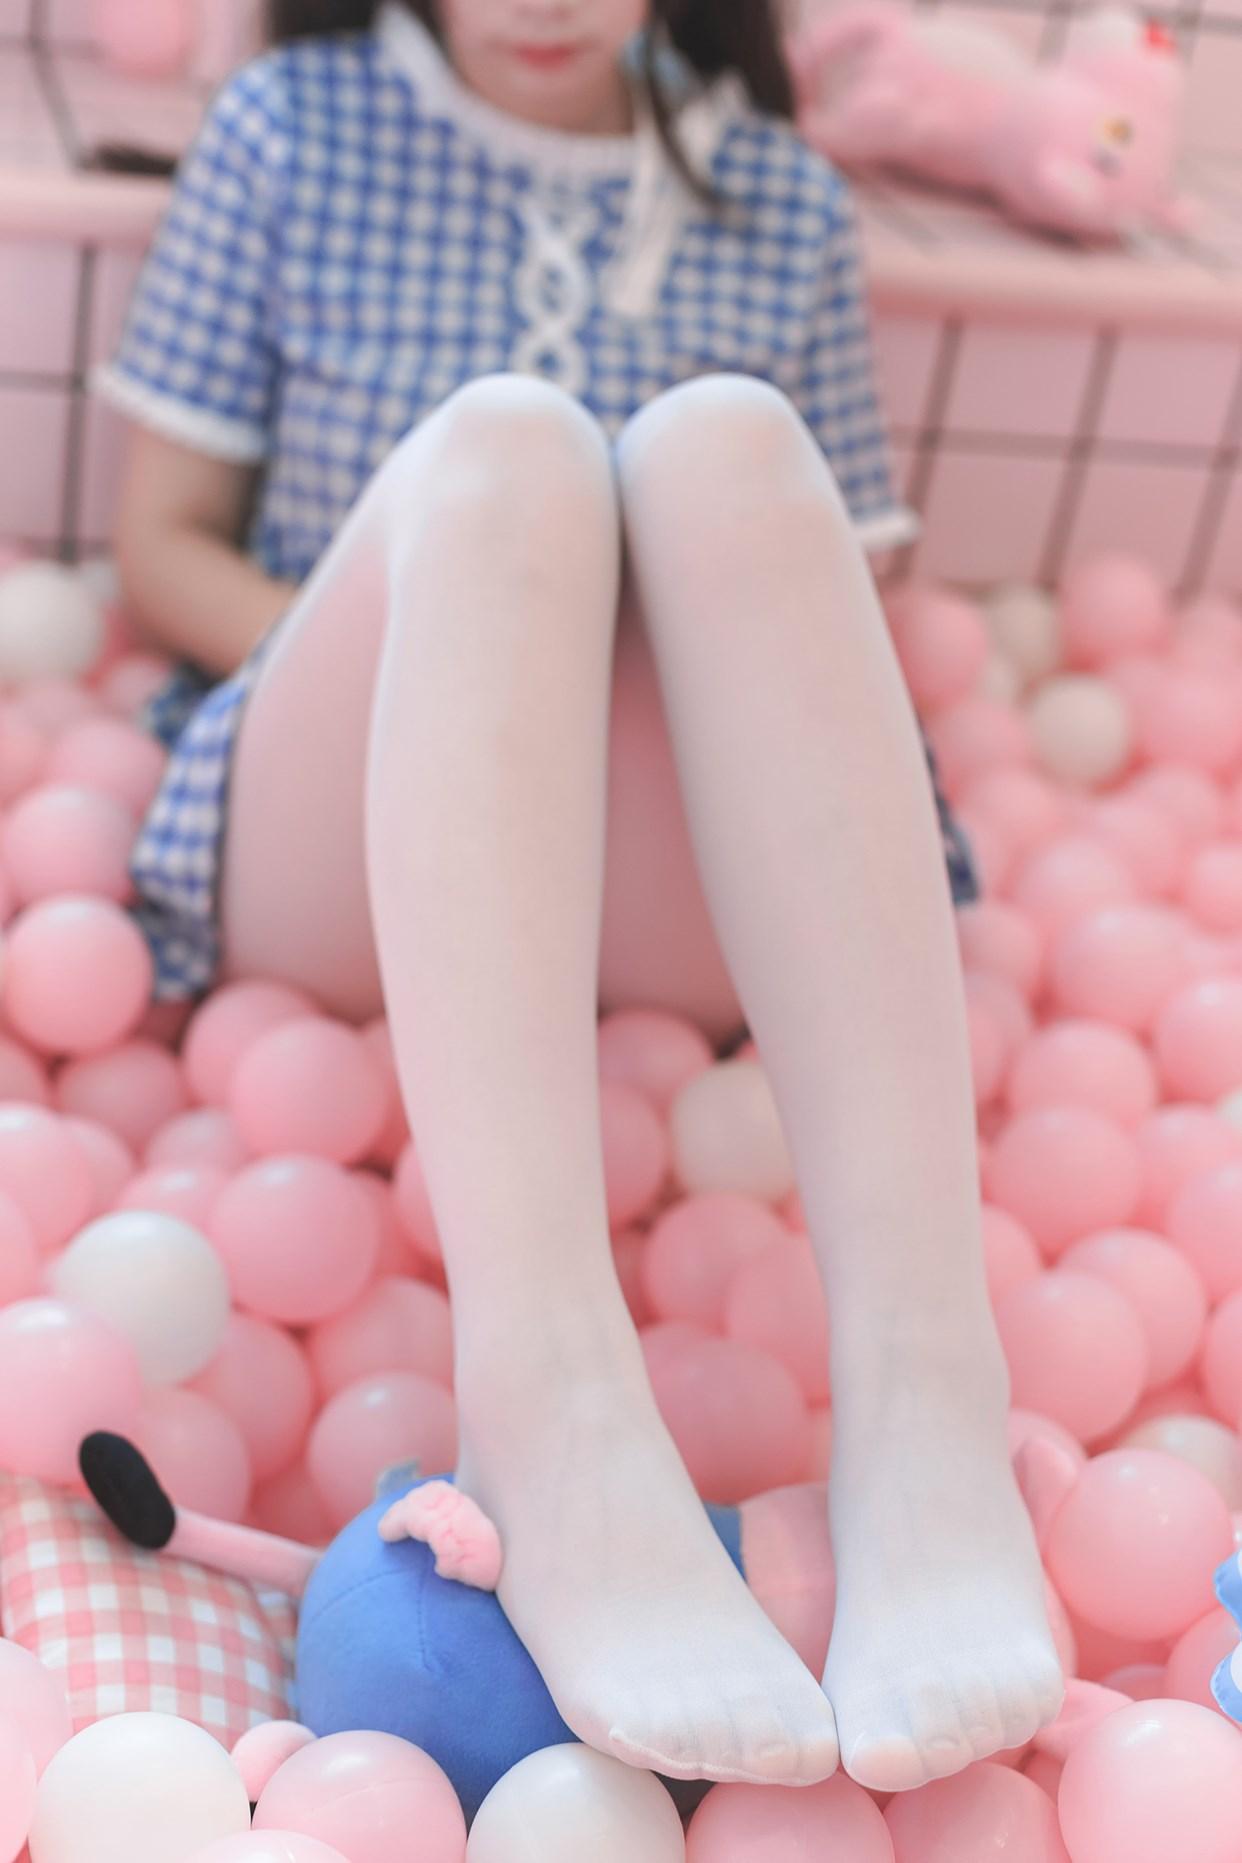 【兔玩映画】粉色的小萝莉 兔玩映画 第2张